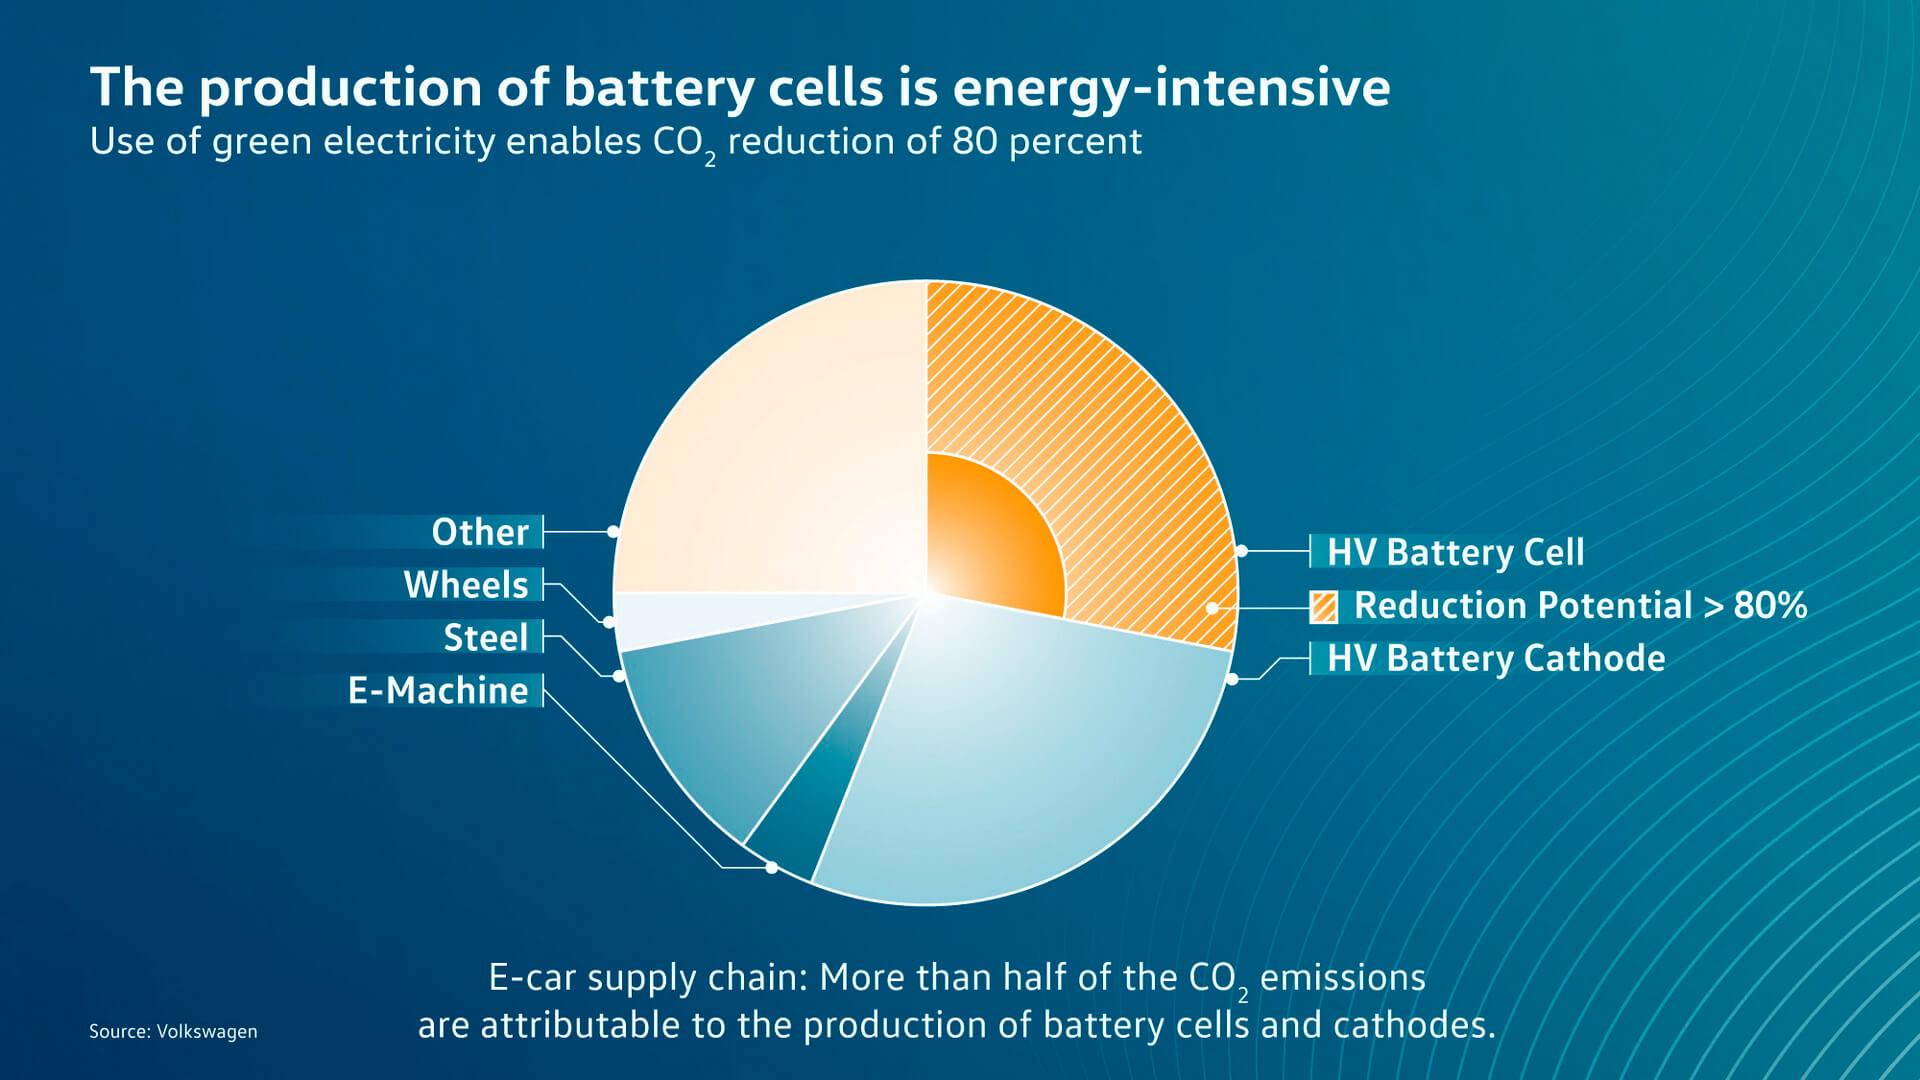 Использование «зеленой» энергии впроизводстве батарей снижает выбросы СО2на 80%